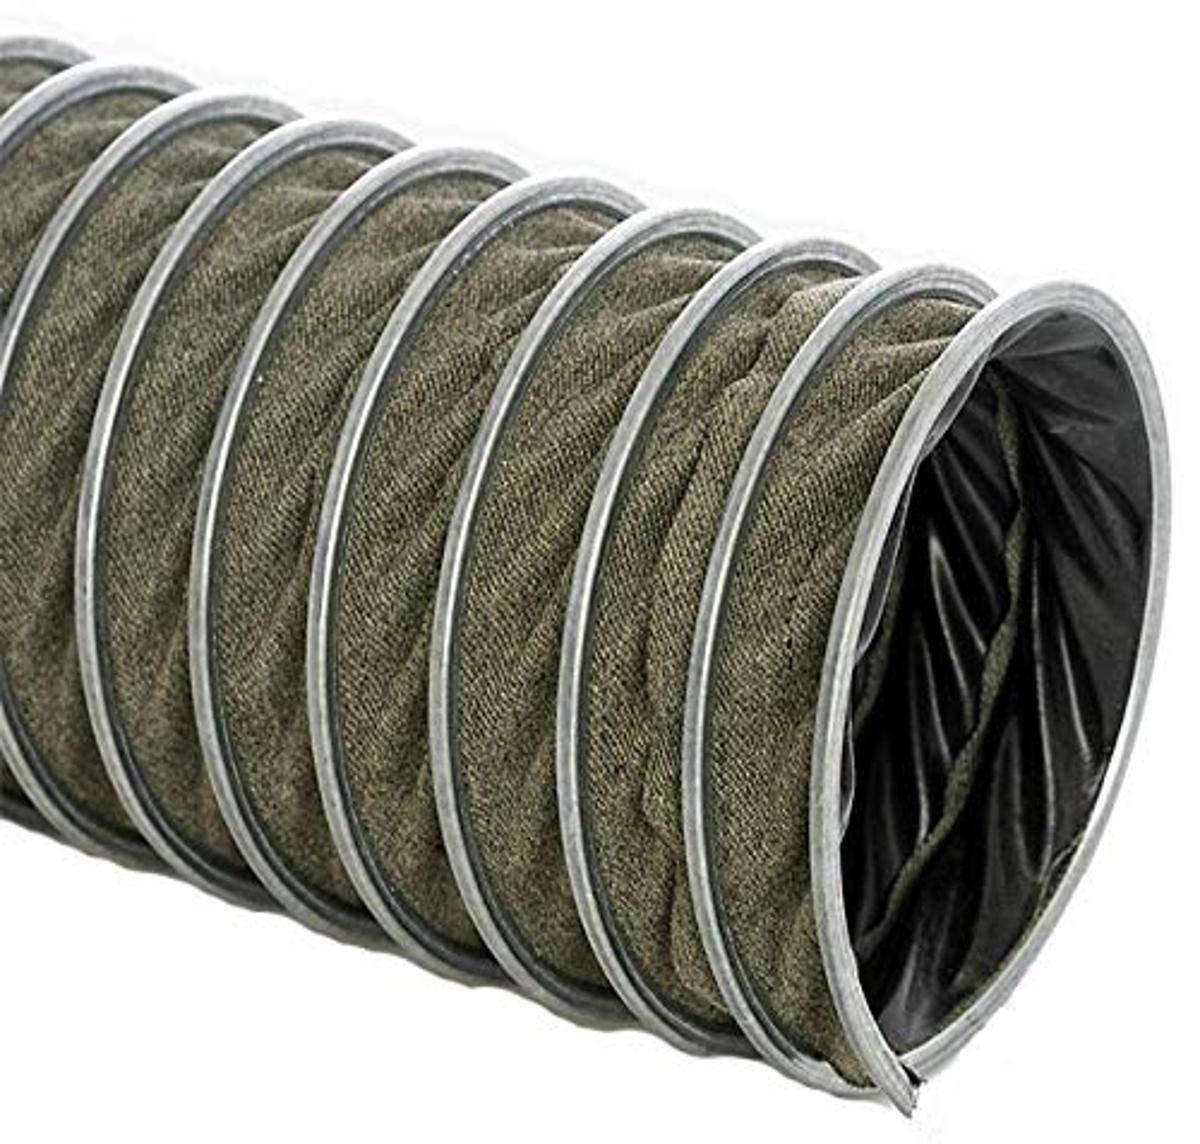 Flexaust Flex-Lok 570-6x25 Plastic Flex-Lok 570-6 6